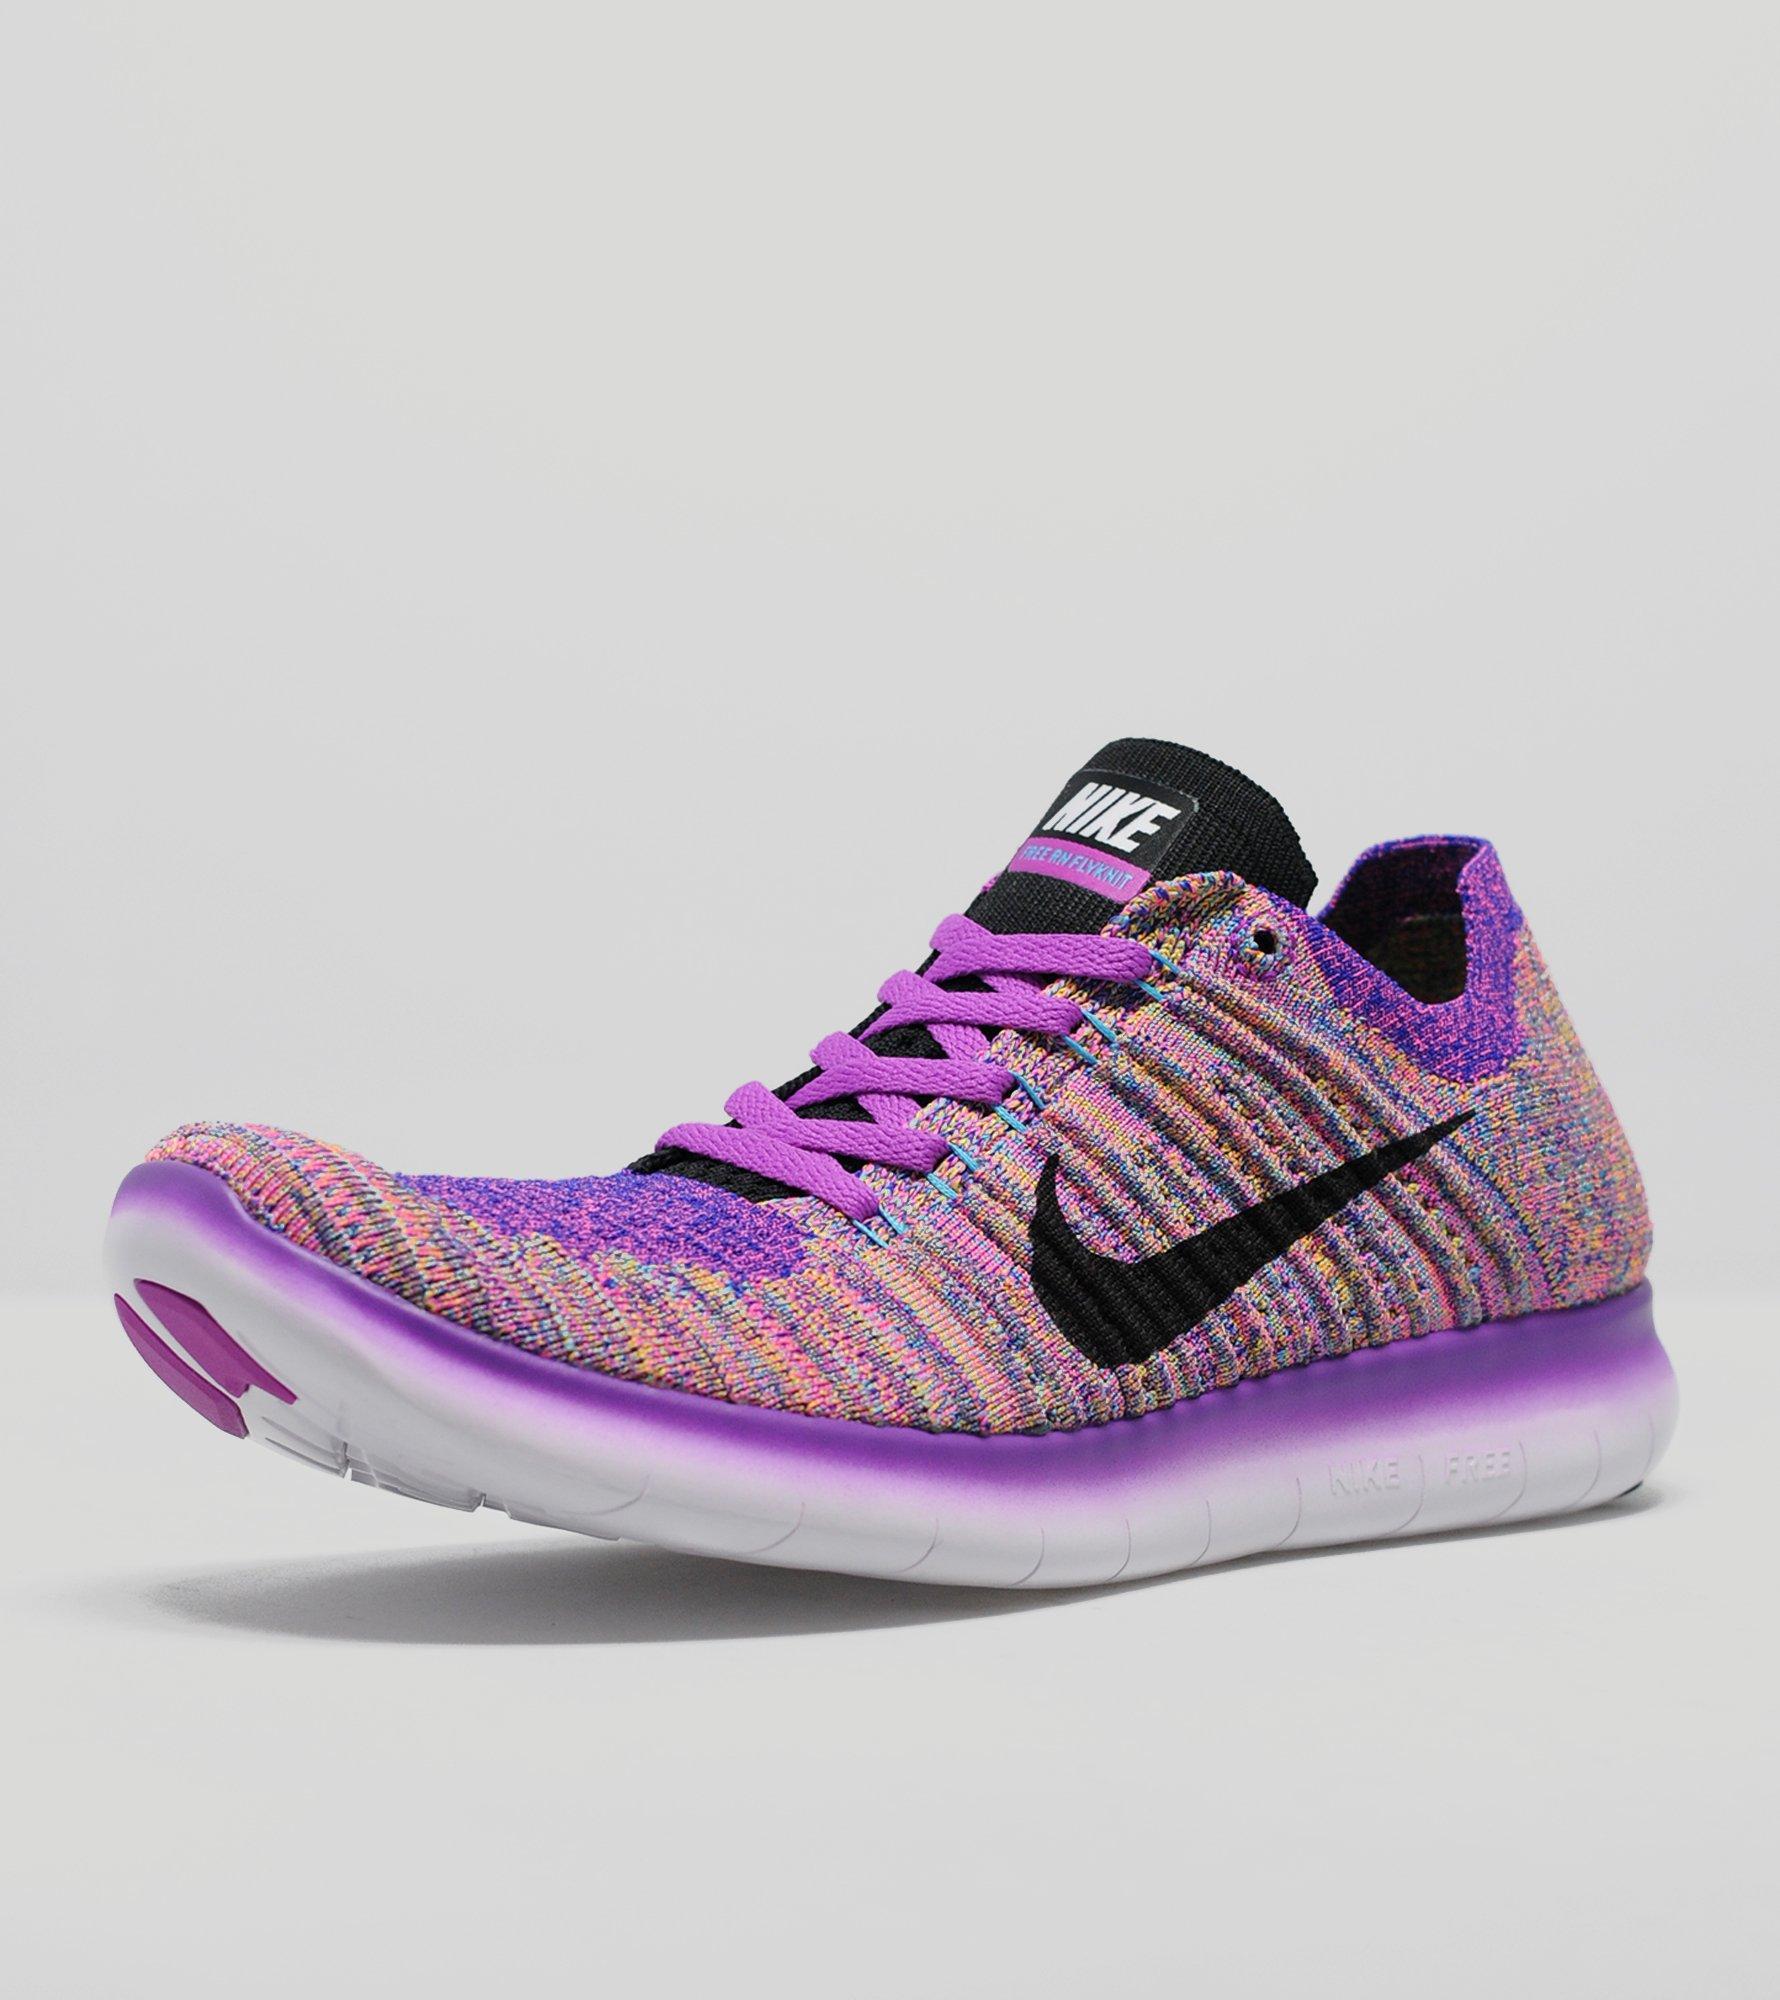 Nike Free Run Flyknit Des Femmes De Pourpre Livraison gratuite ebay vente bon marché Liquidations offres SlGeid2za